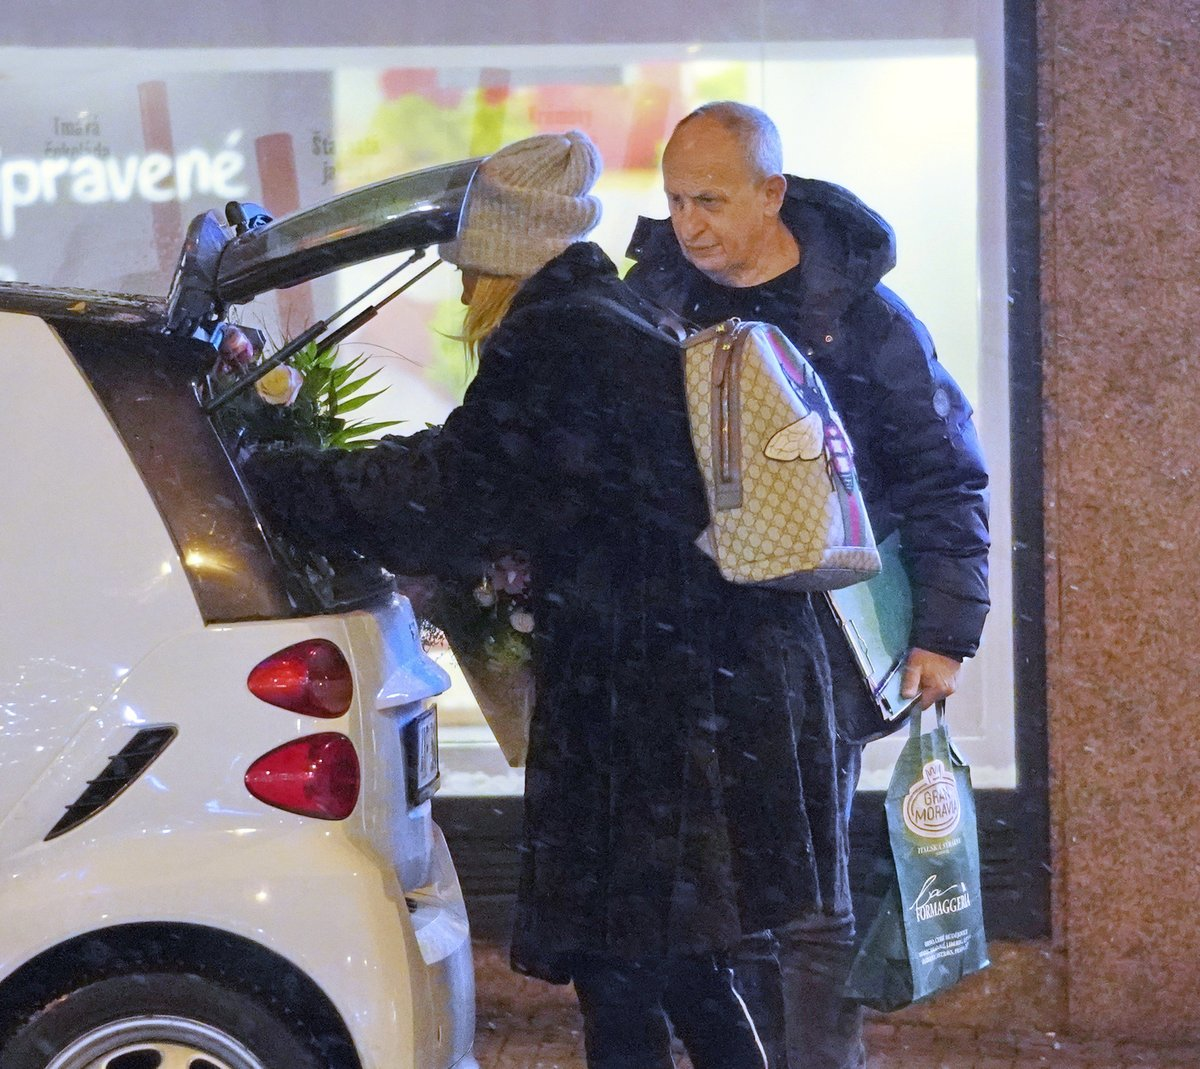 Jan Kraus a Ivana Chýlková došli k miniautíčku a naskládali se dovnitř.